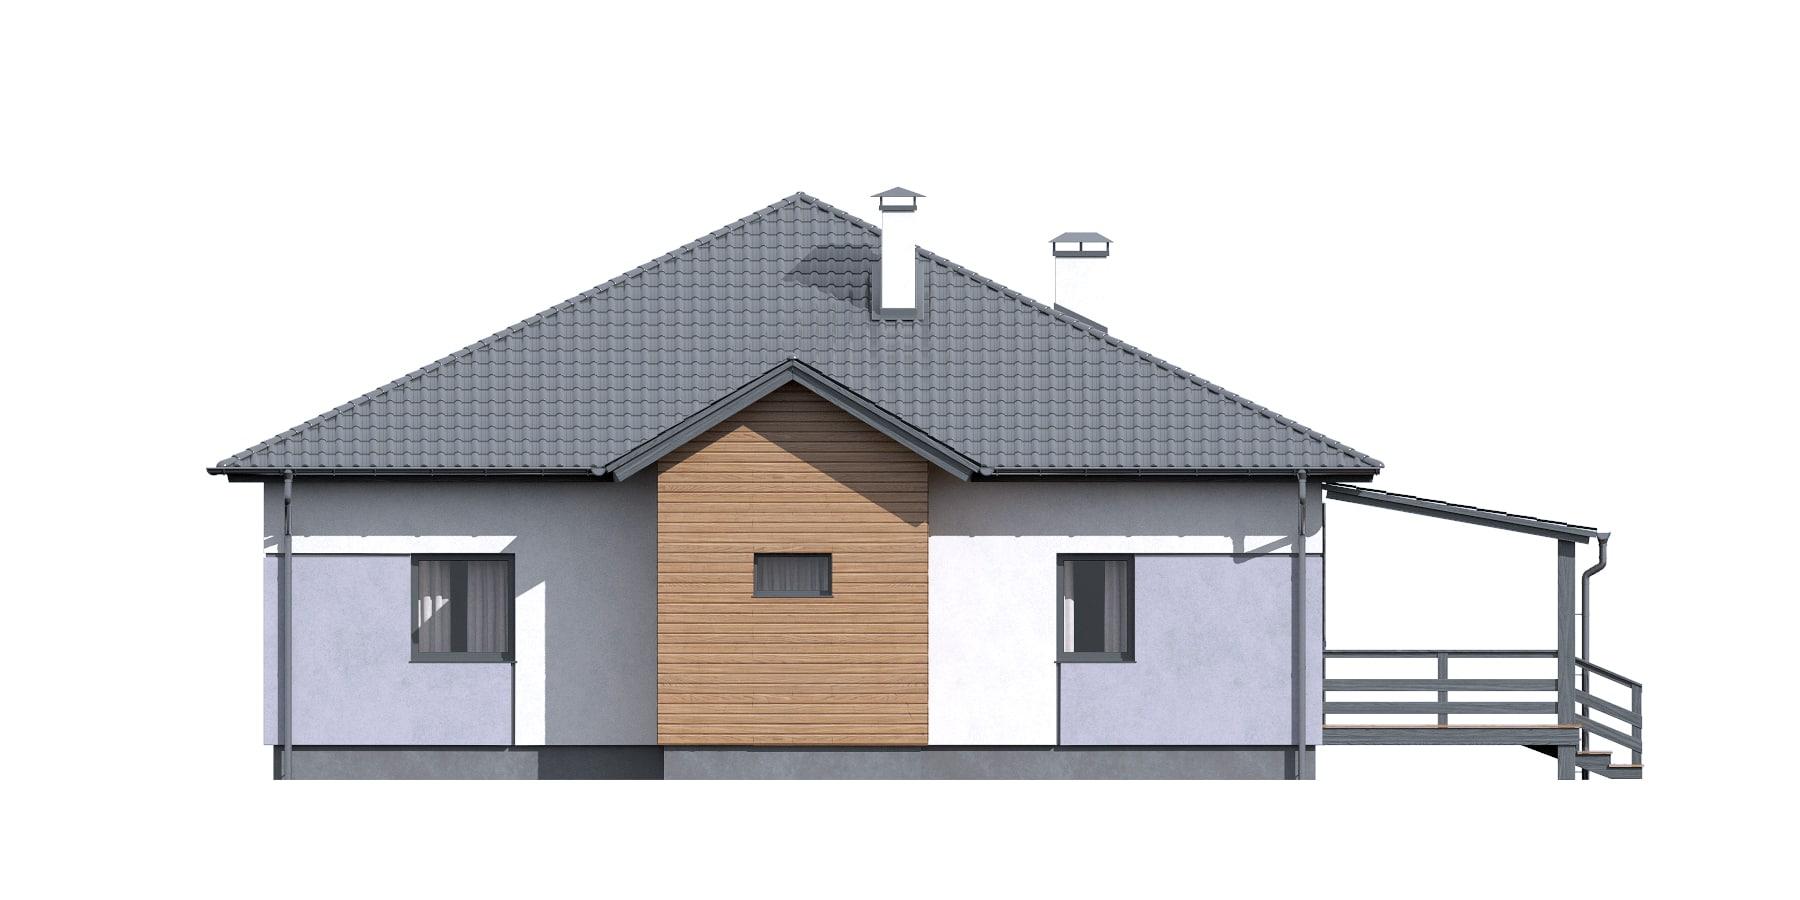 Фасад одноэтажного дома с террасой «КО-115» - слева